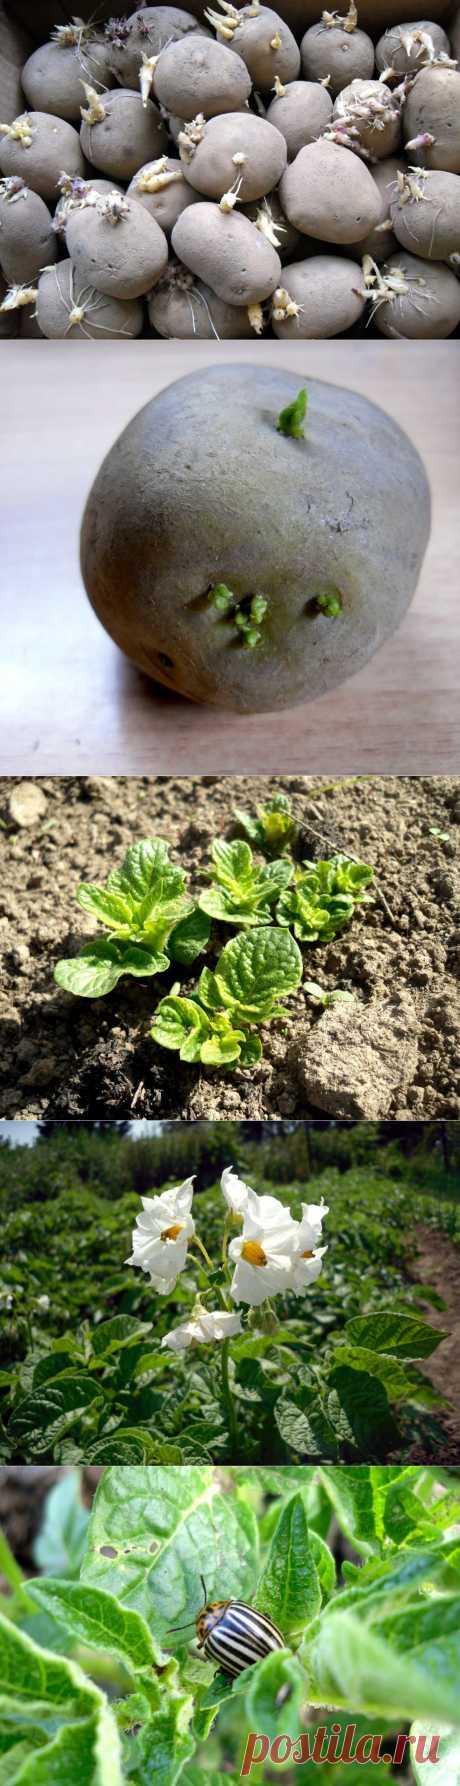 Выращиваем картофель. Подготовка посадочного материала, посадка,уход,выбор сортов. В марте огородники cредней полосы извлекают из хранилищ семенной картофель для проращивания. Чтобы хорошо подготовить посадочный материал, требуется от 35 до 40 дней.